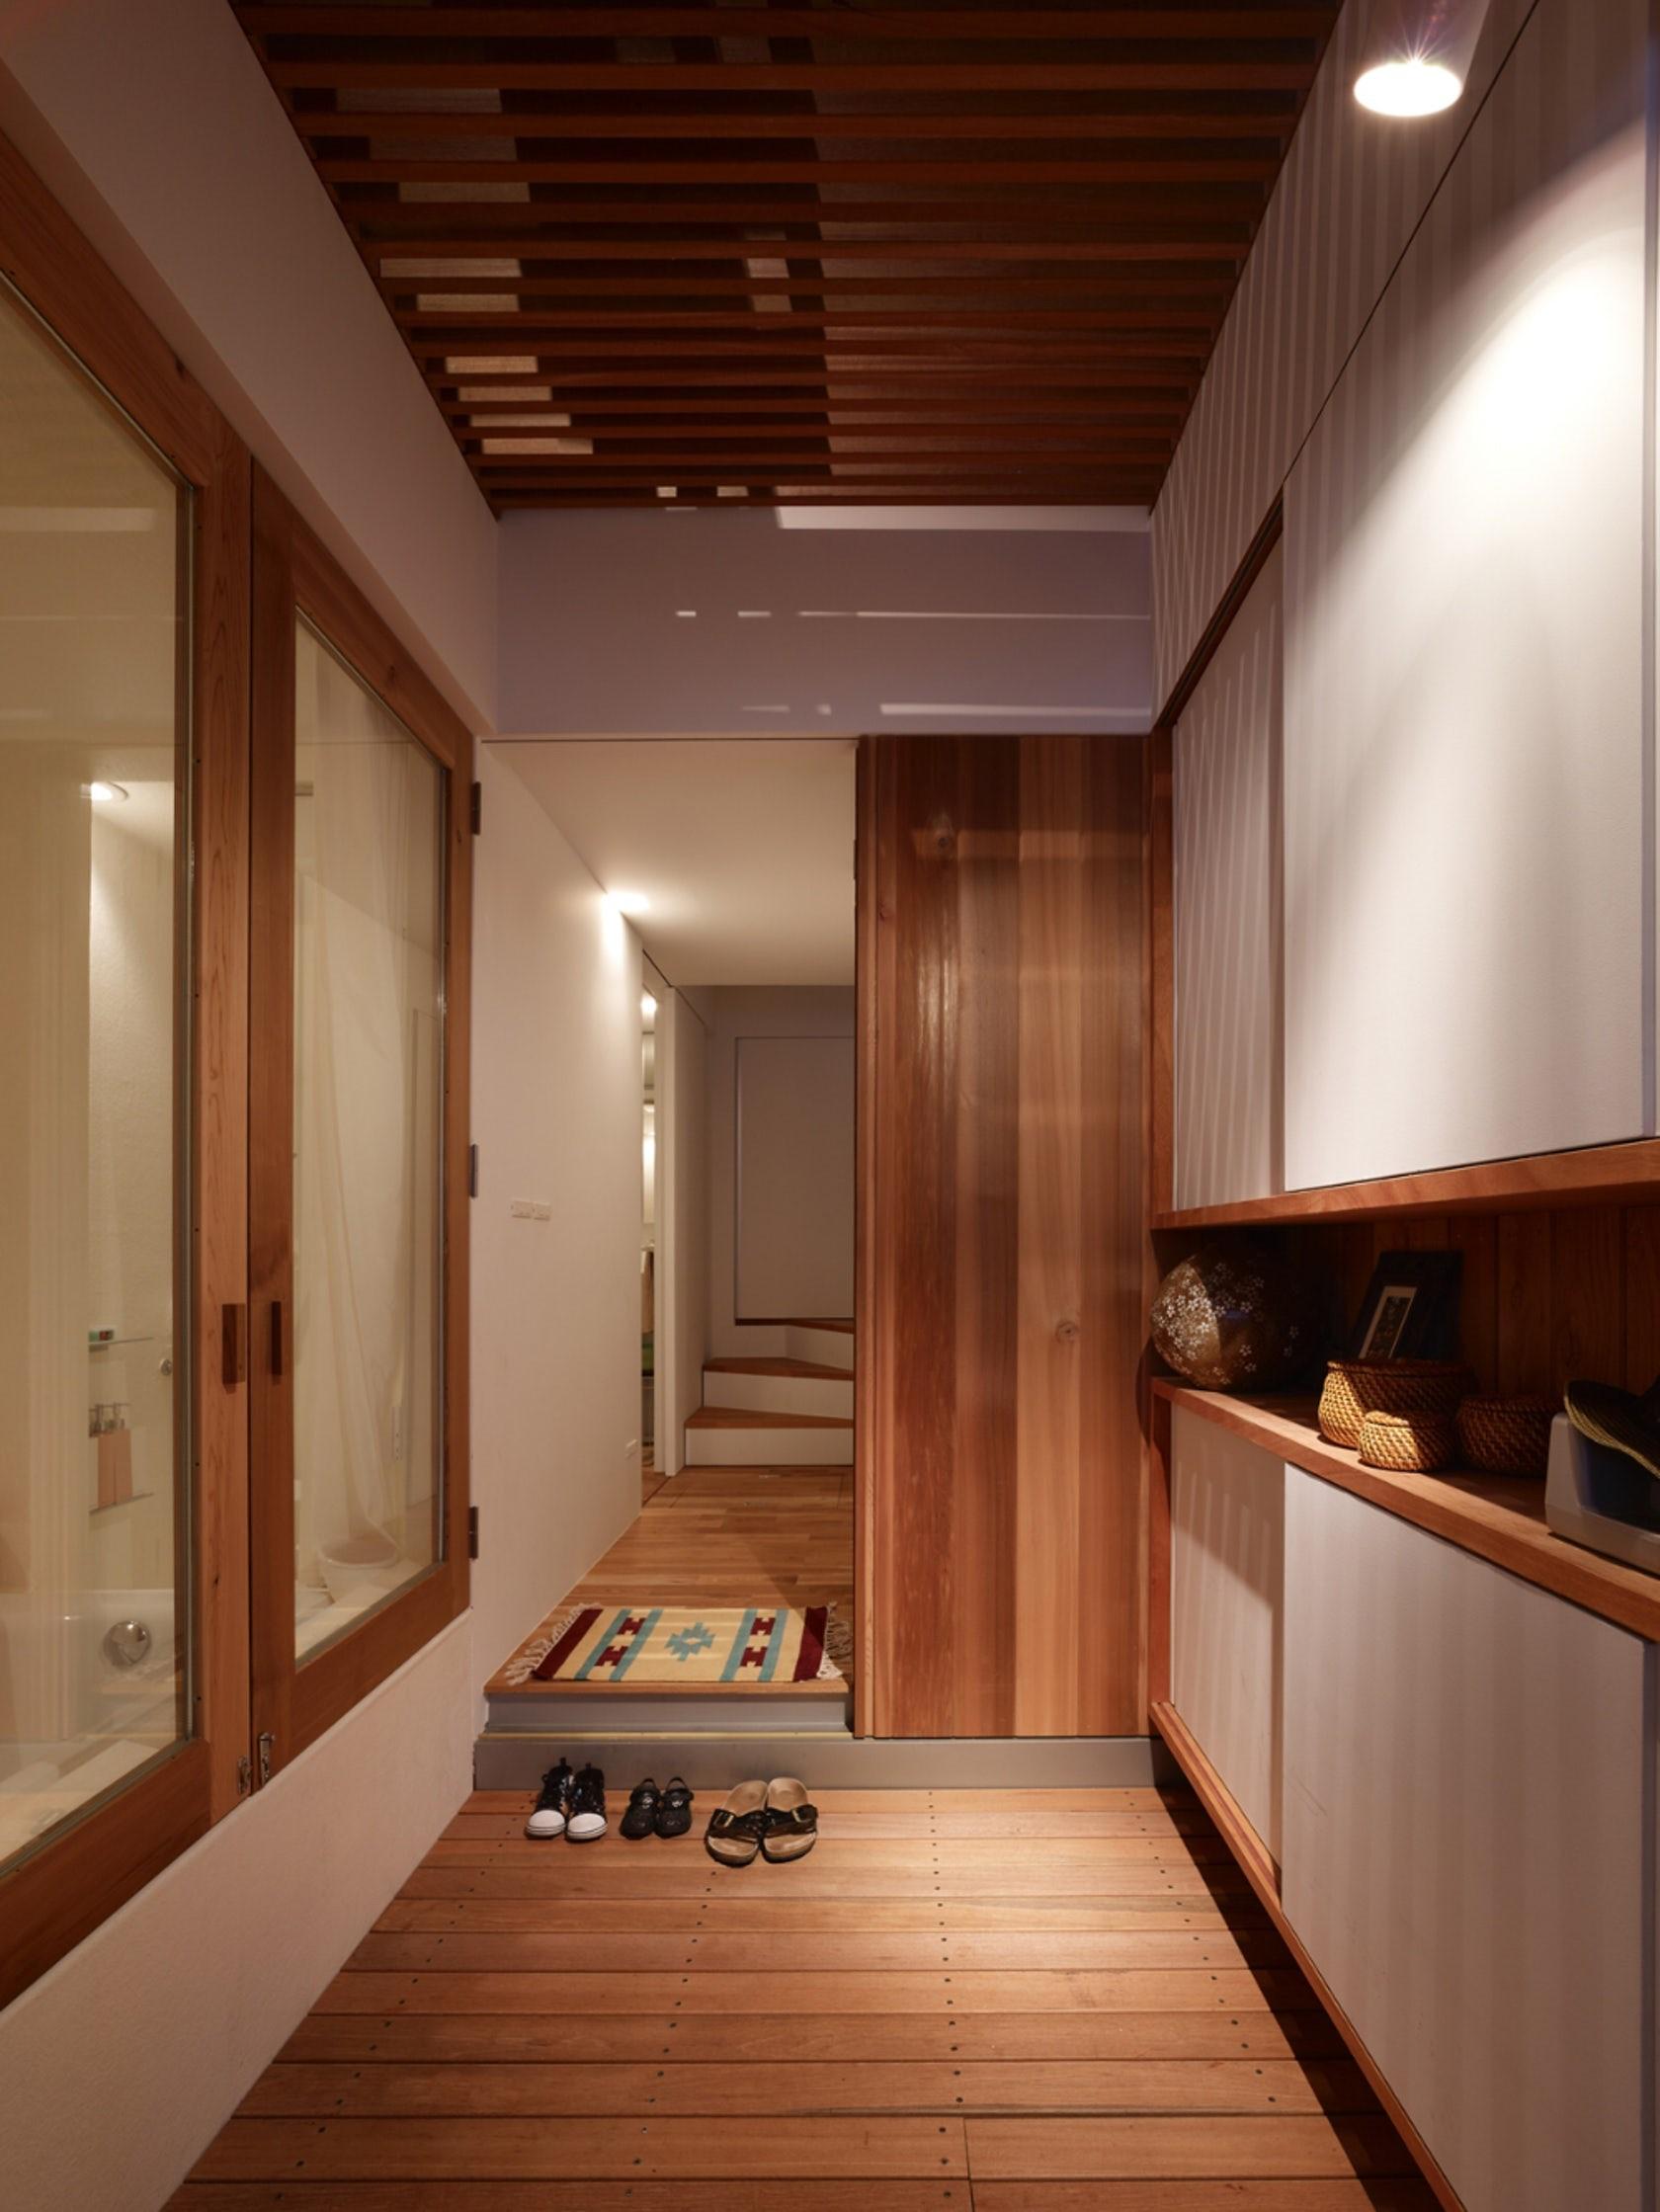 Ngôi nhà tí hon với mặt tiền hẹp 2,5m ở Nhật, sâu hun hút nhưng gây bất ngờ nhờ sở hữu thiết kế quá thông minh - Ảnh 6.